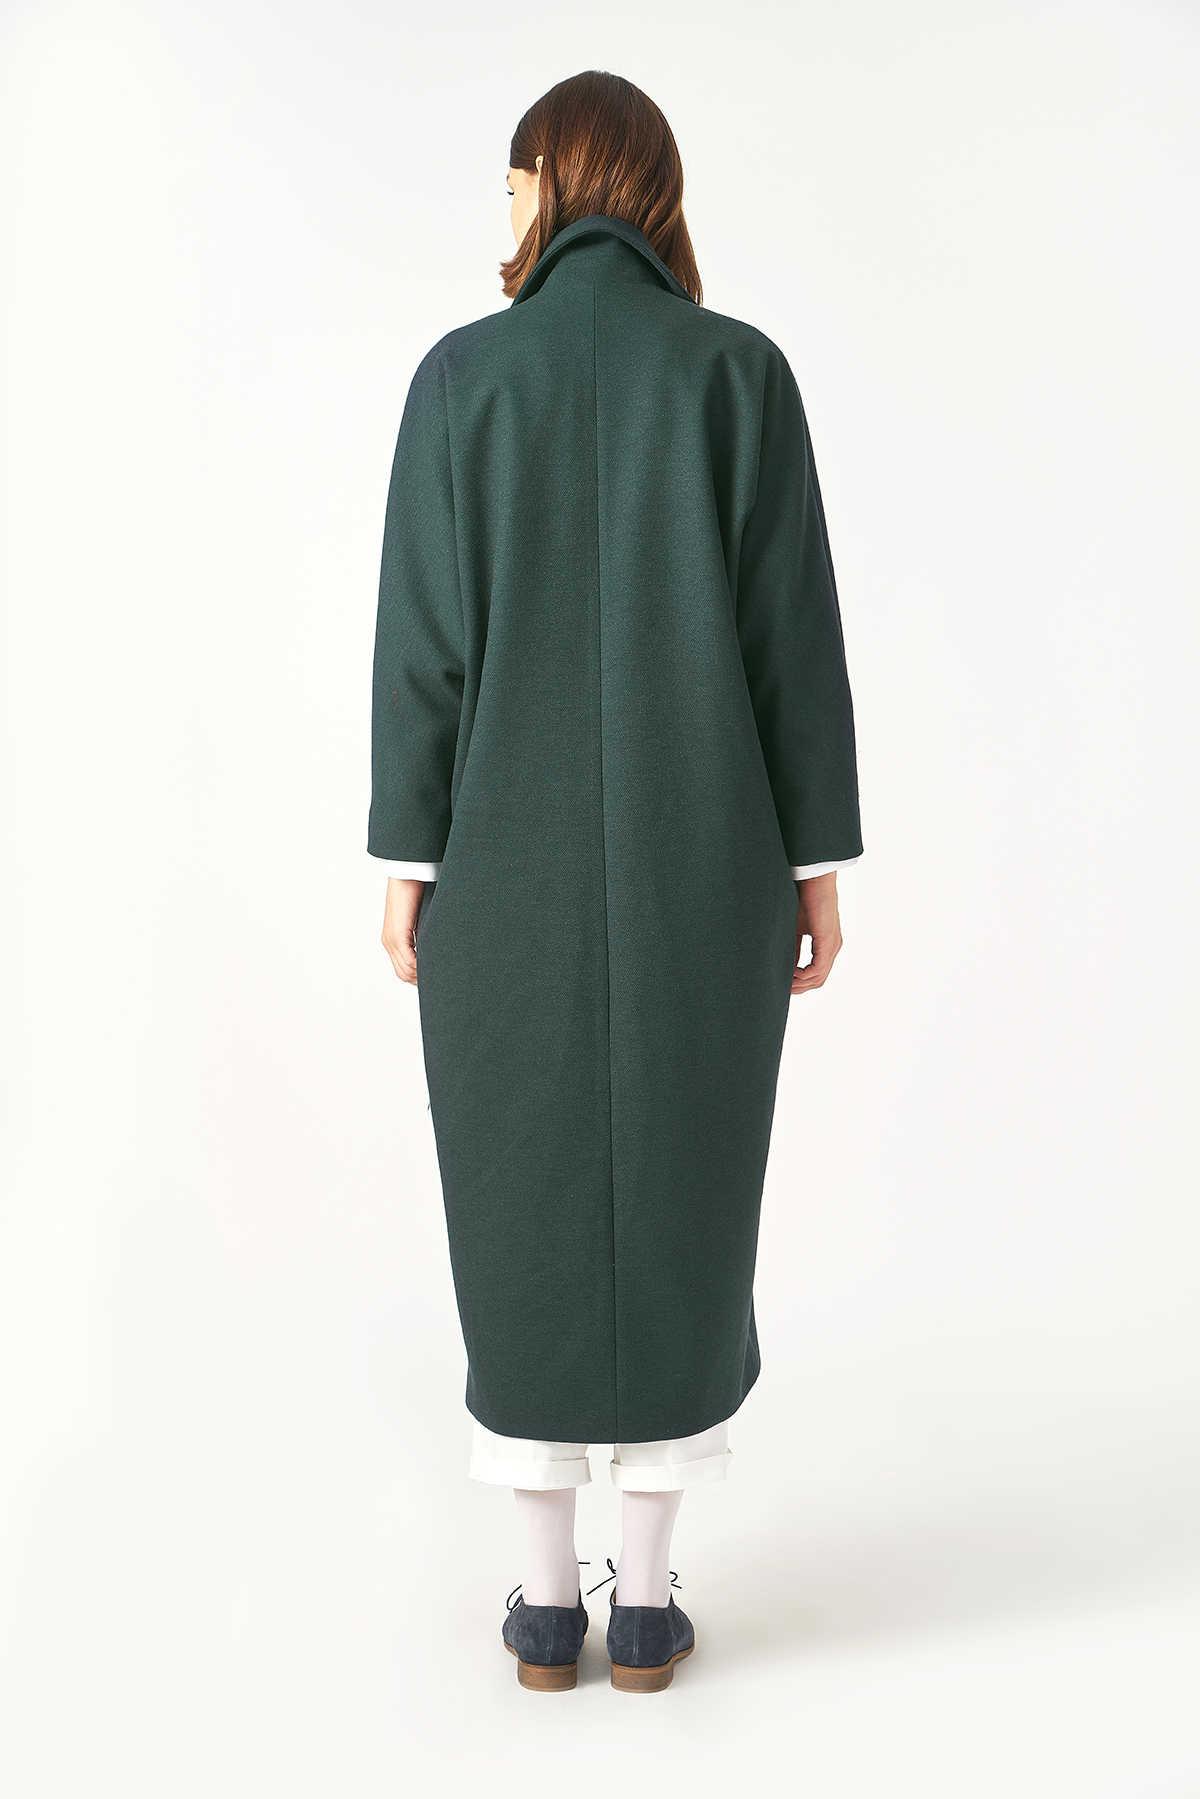 Kuaybe Gider Yeşil Kadın Palto 7101